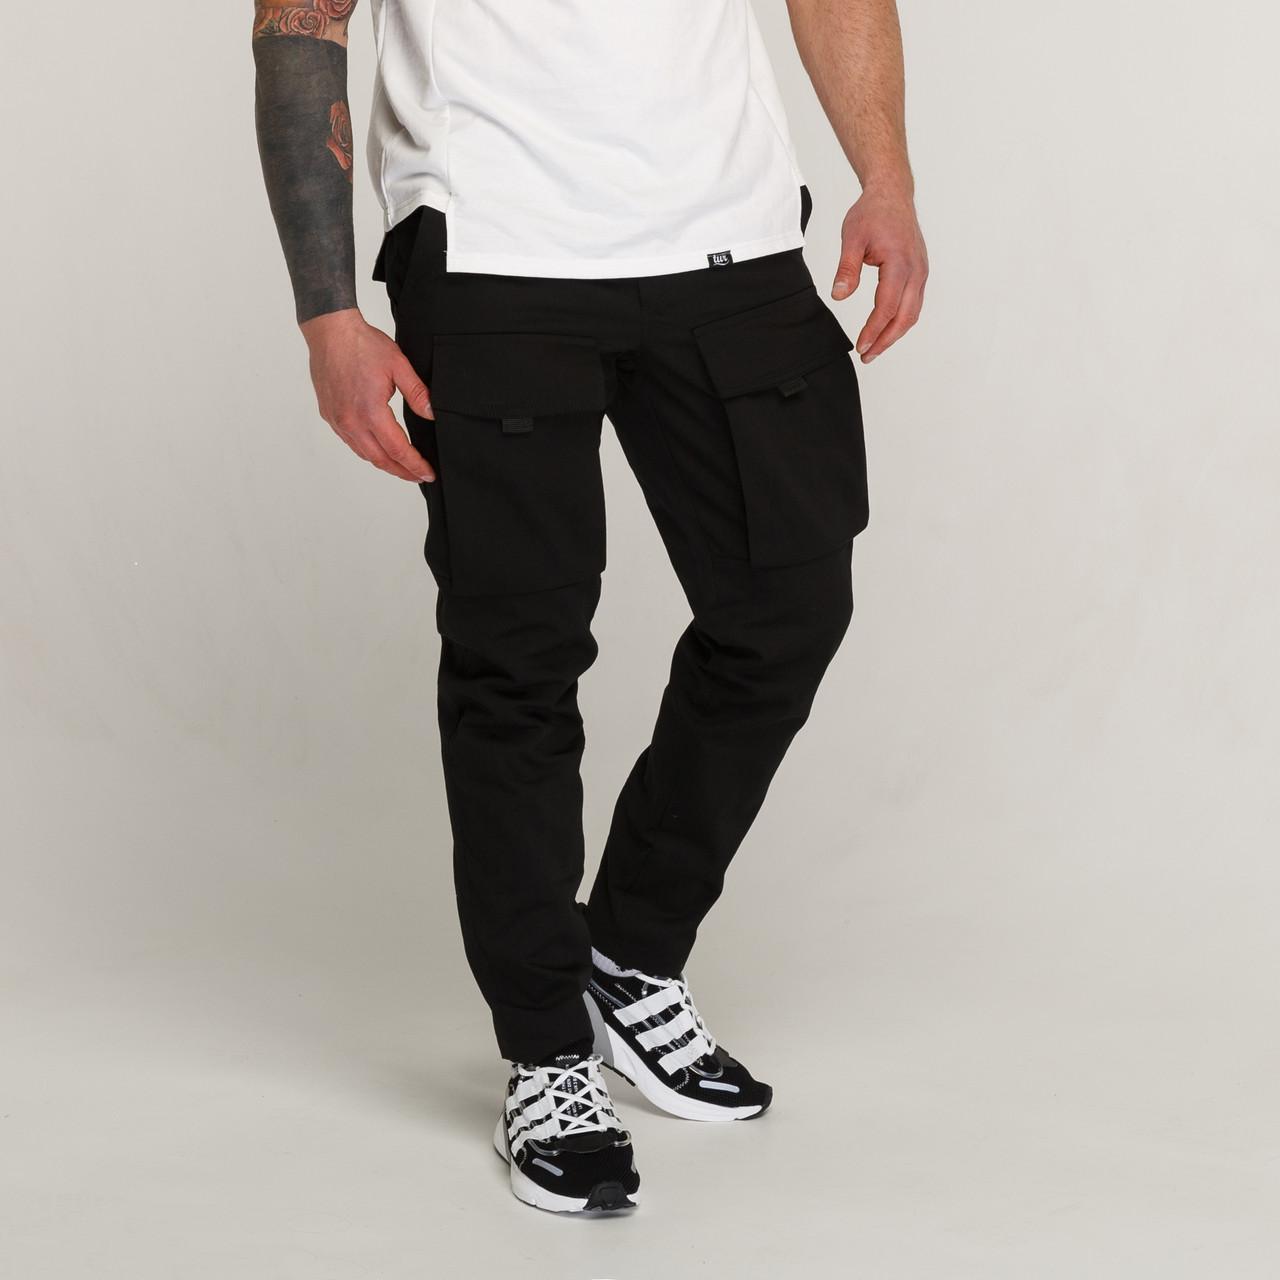 Зимние штаны карго на флисе мужские черные бренд ТУР модель Один (Odin)